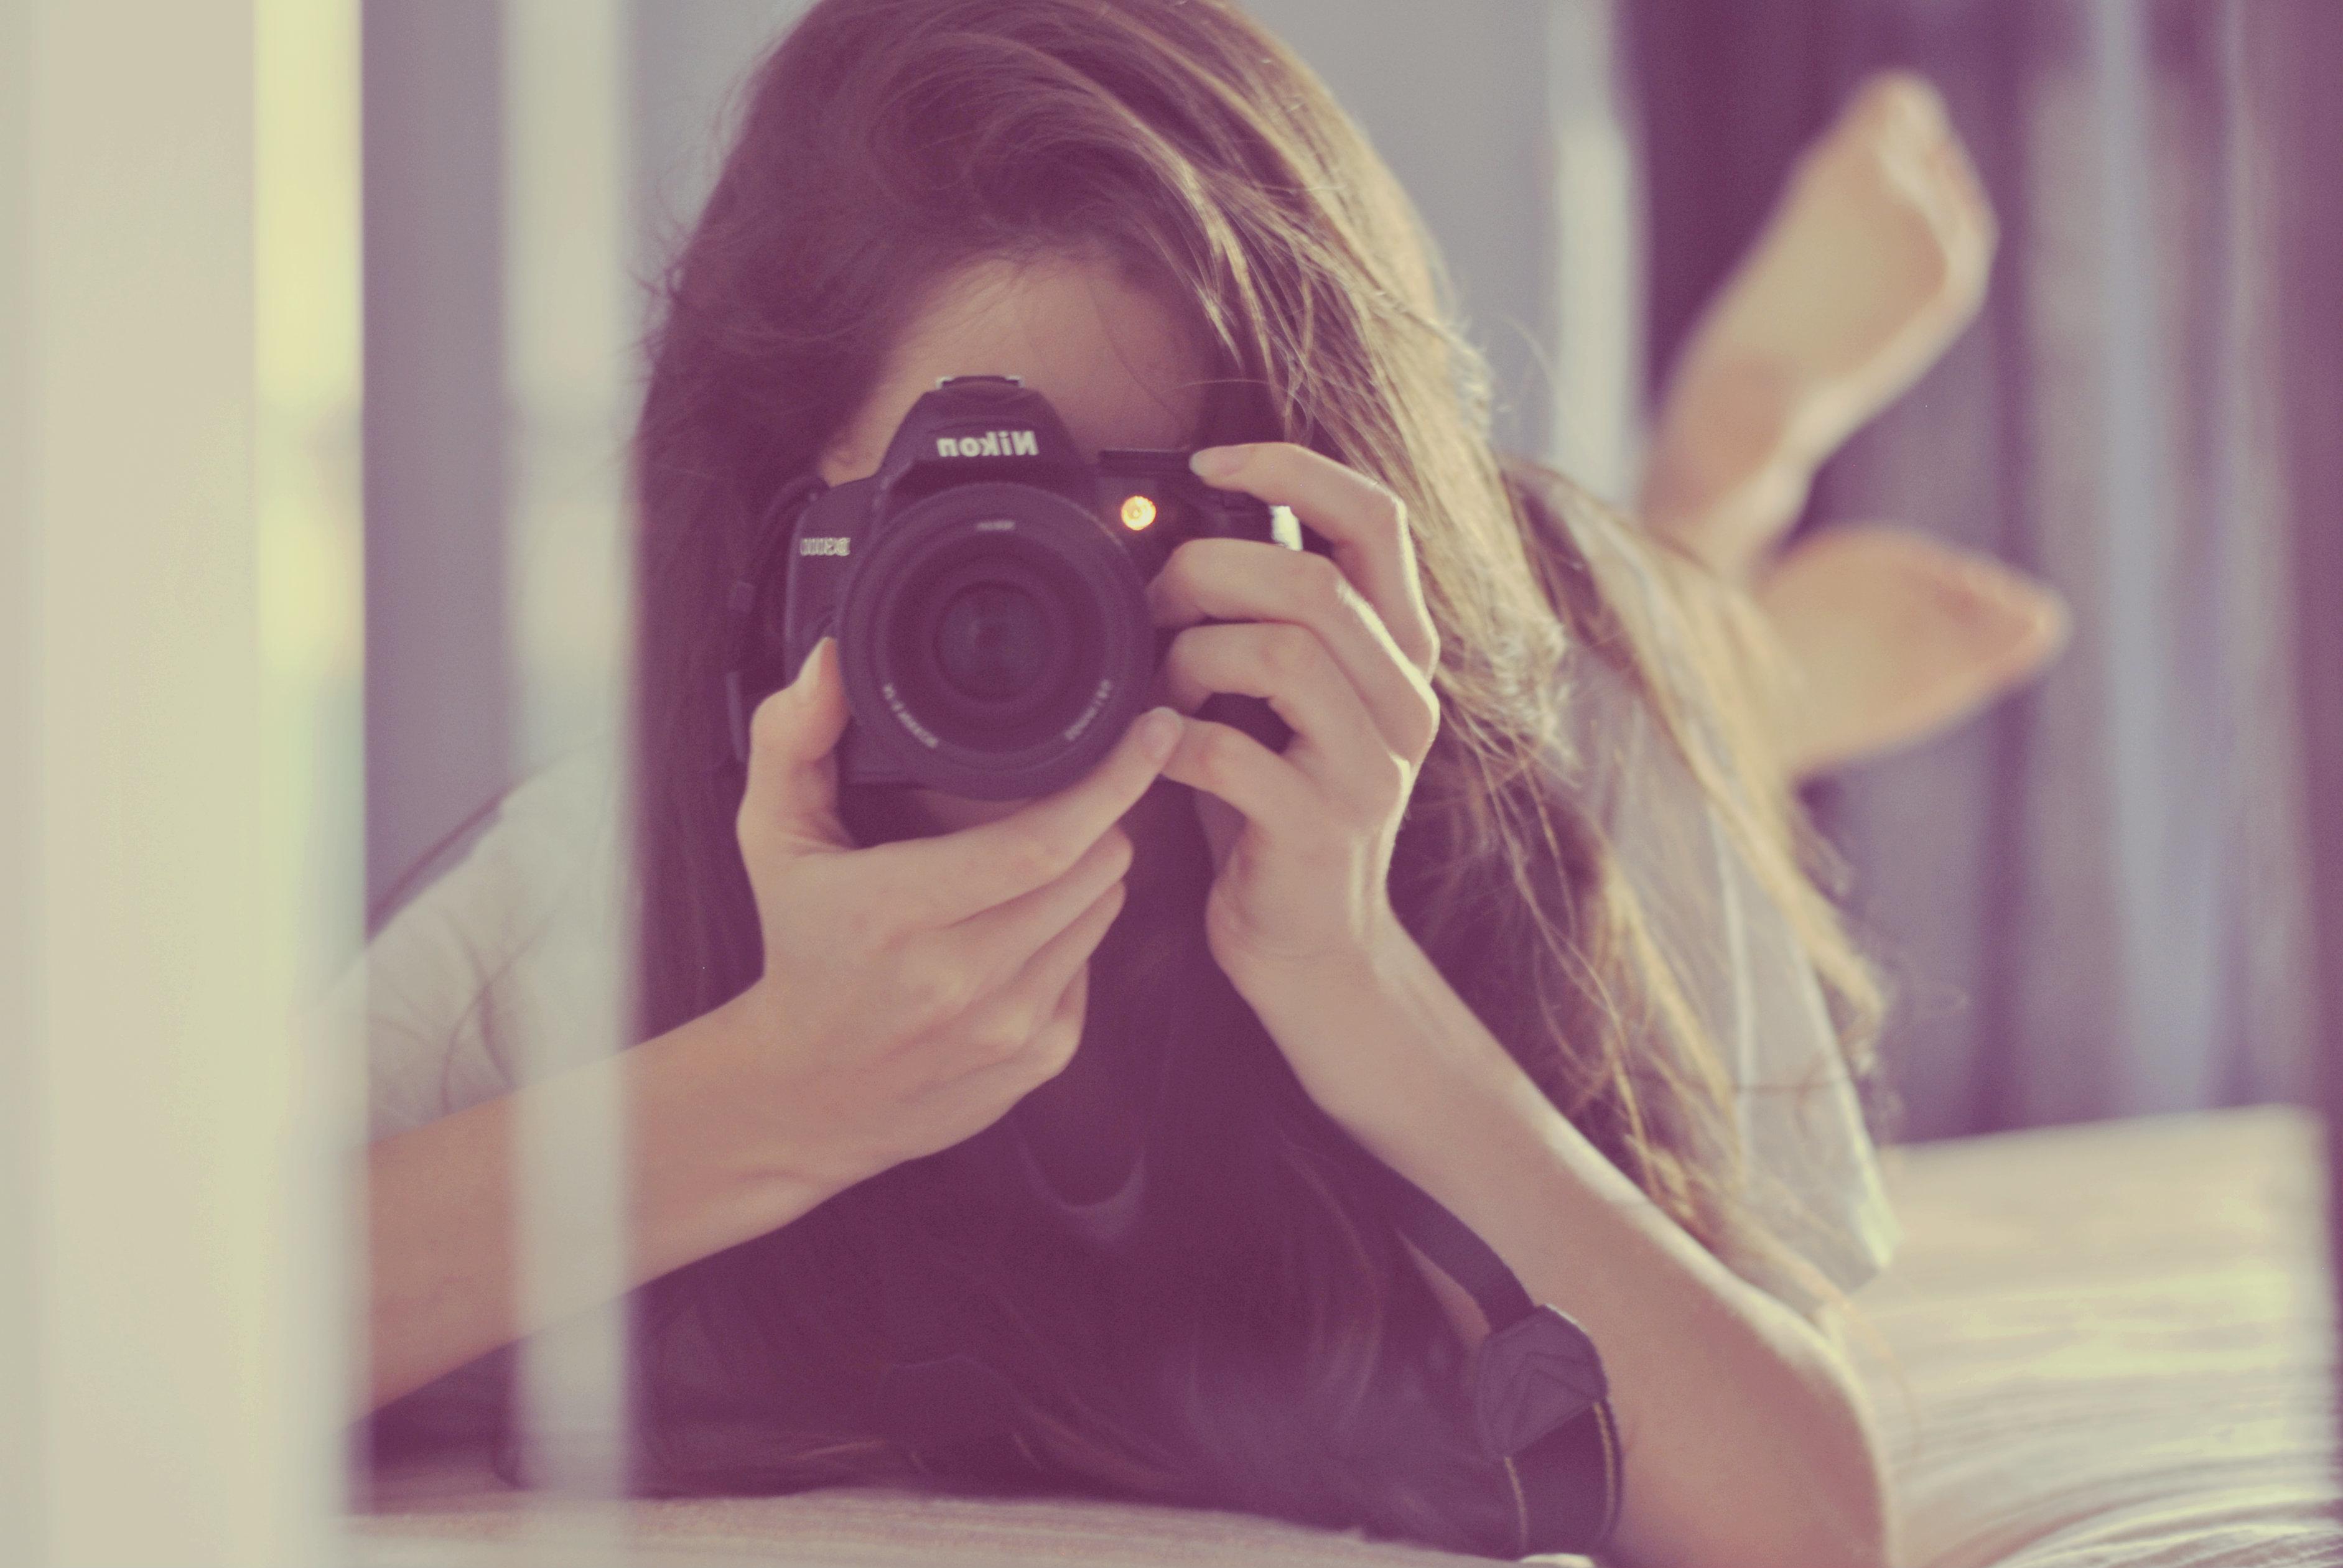 Картинках отгадать, вконтакте картинки на аву для девушек